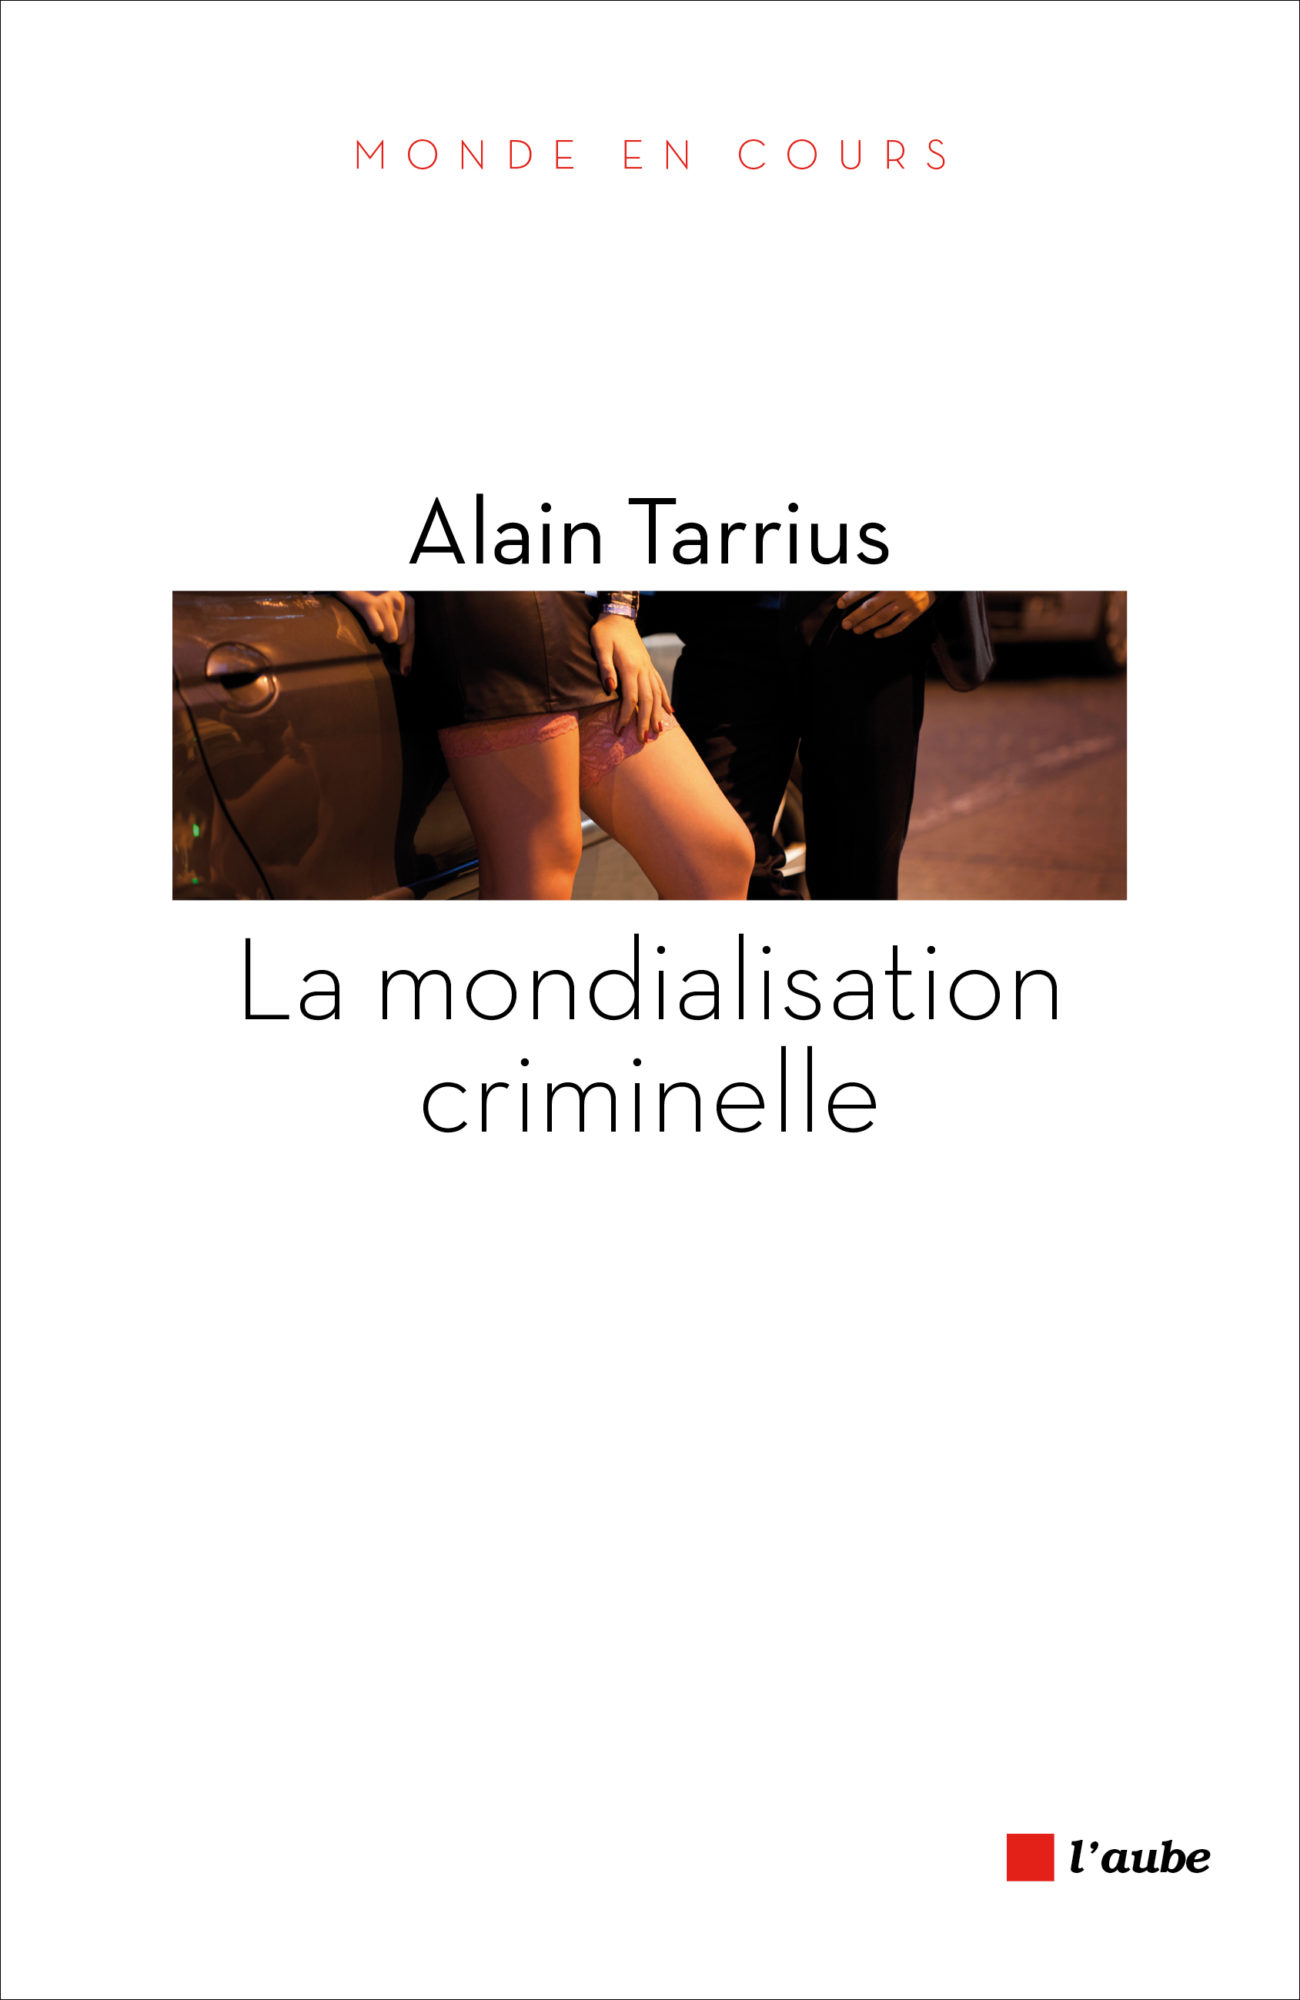 La mondialisation criminelle